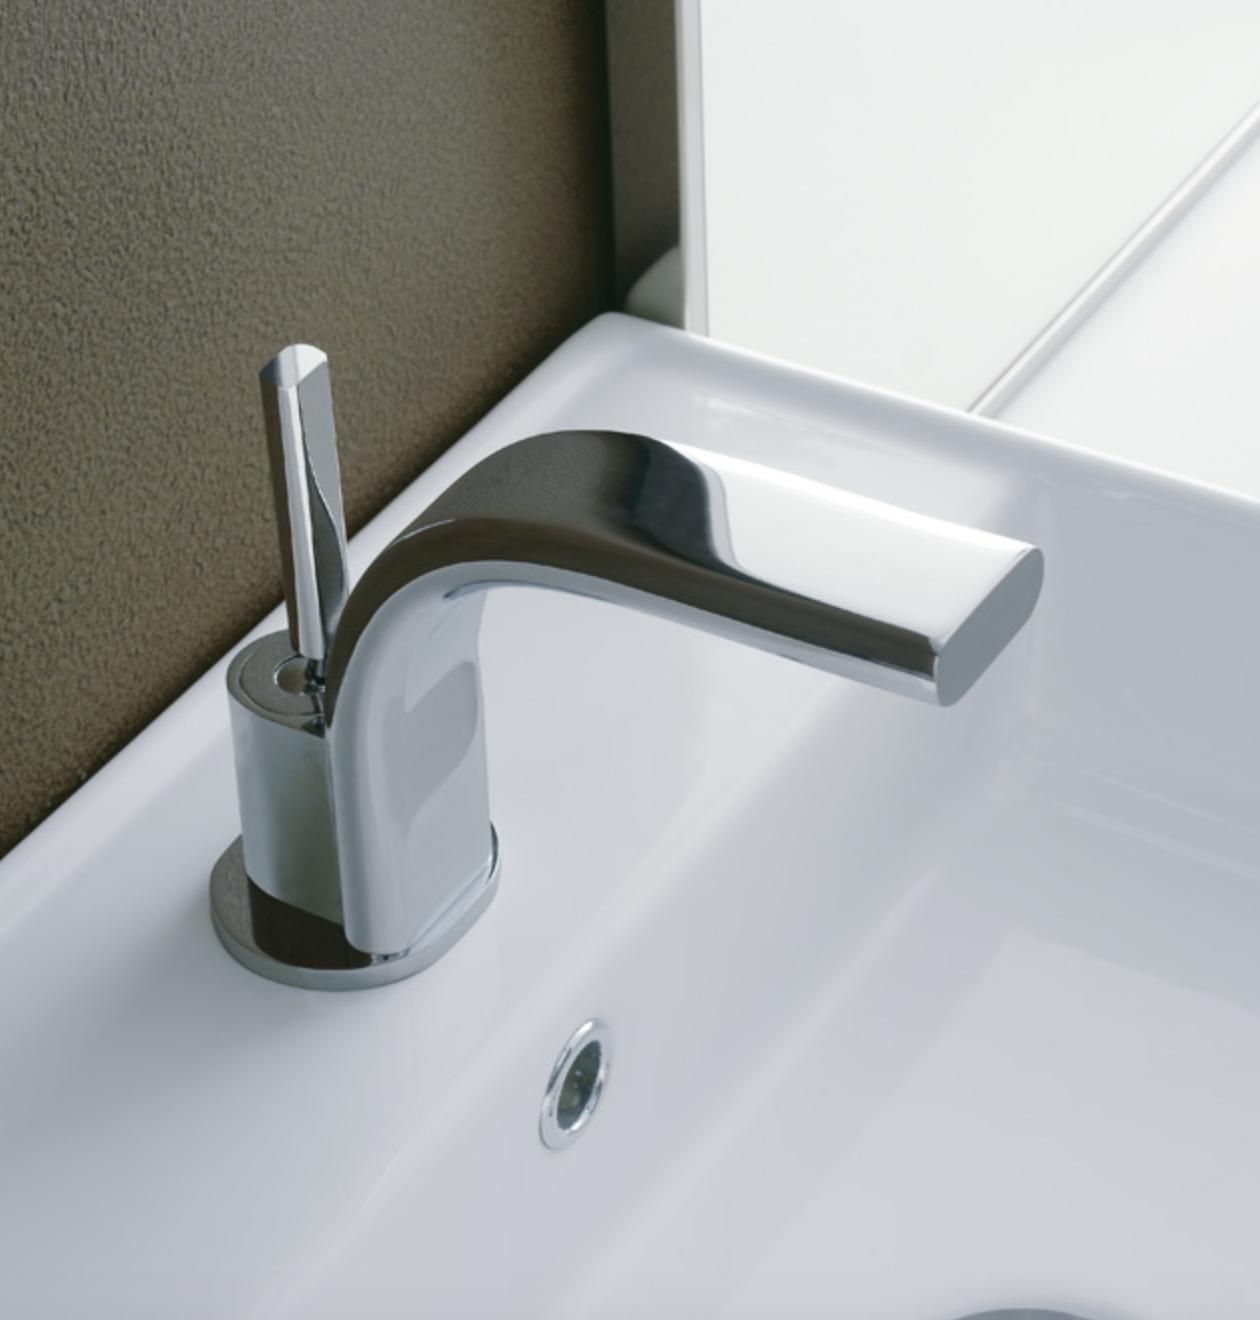 robinetterie pour salle de bains eguilles pao - carrelage ... - Mitigeur De Salle De Bain